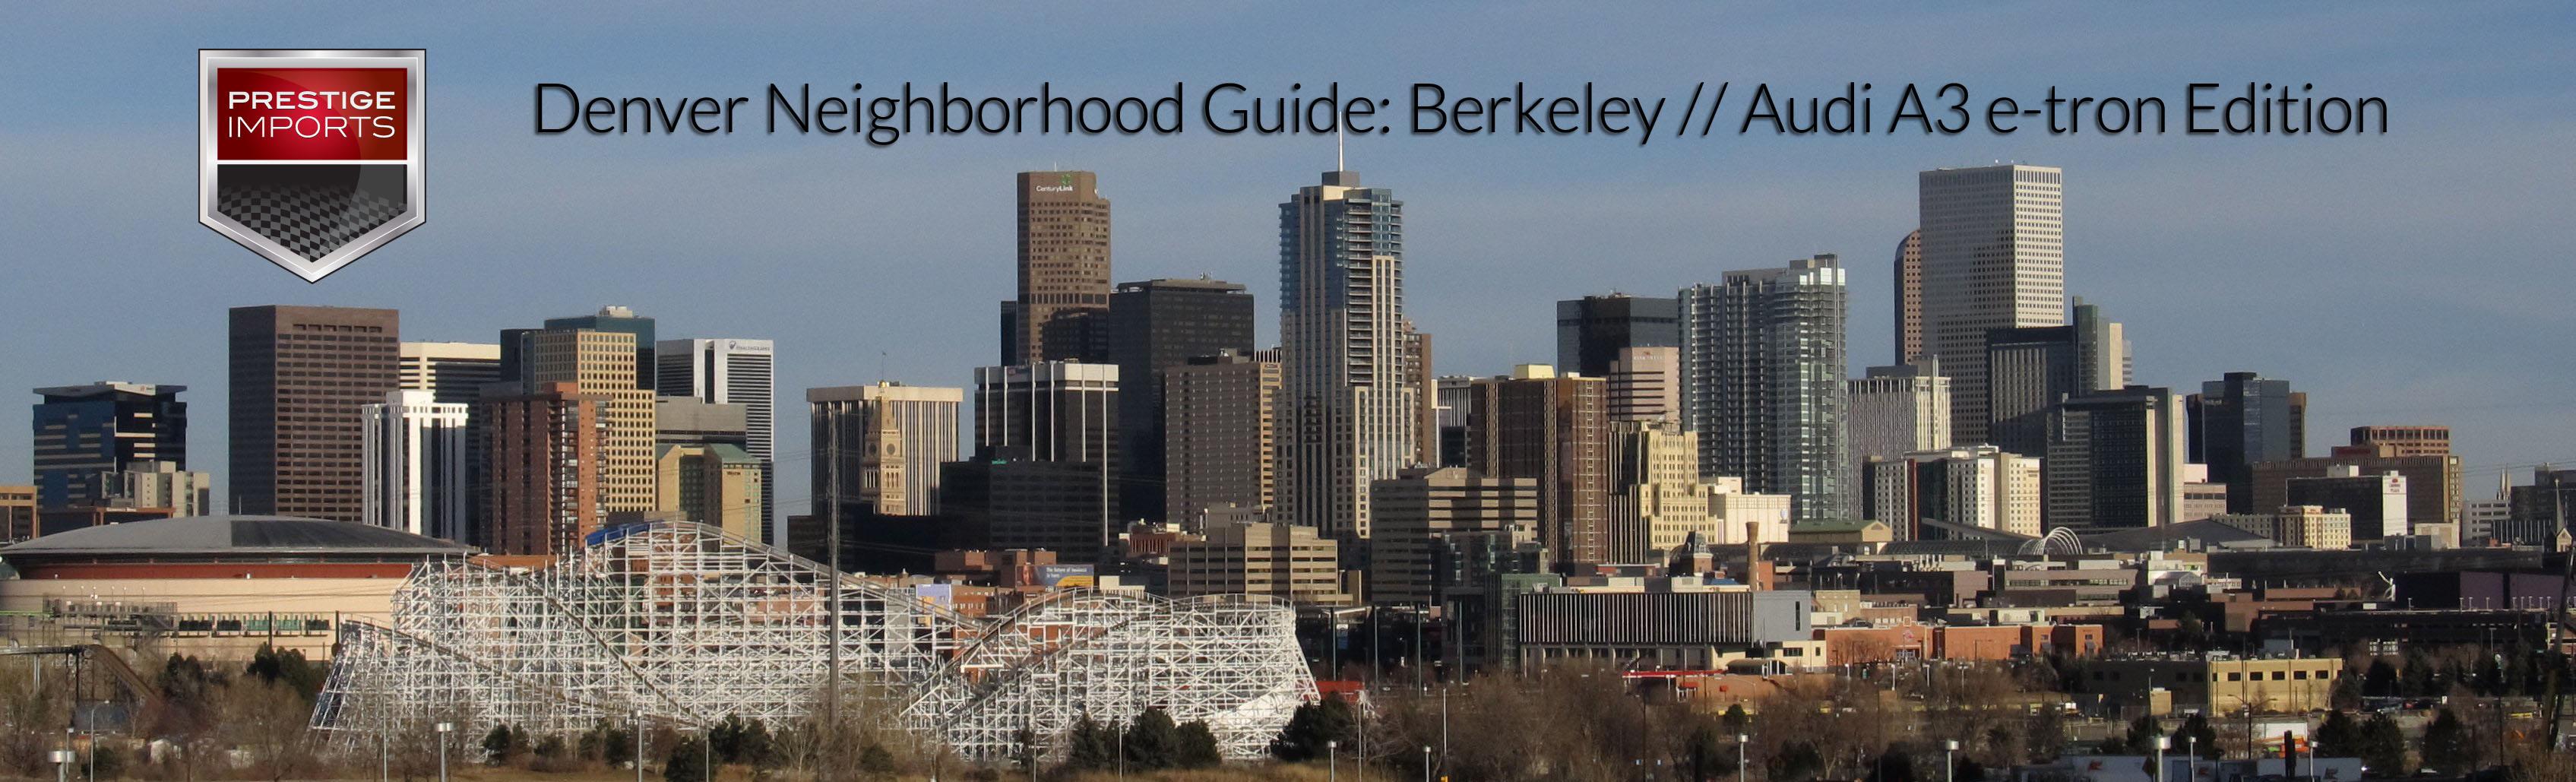 Denver Neighborhood Guide - Berkeley and the Audi A3 e-tron